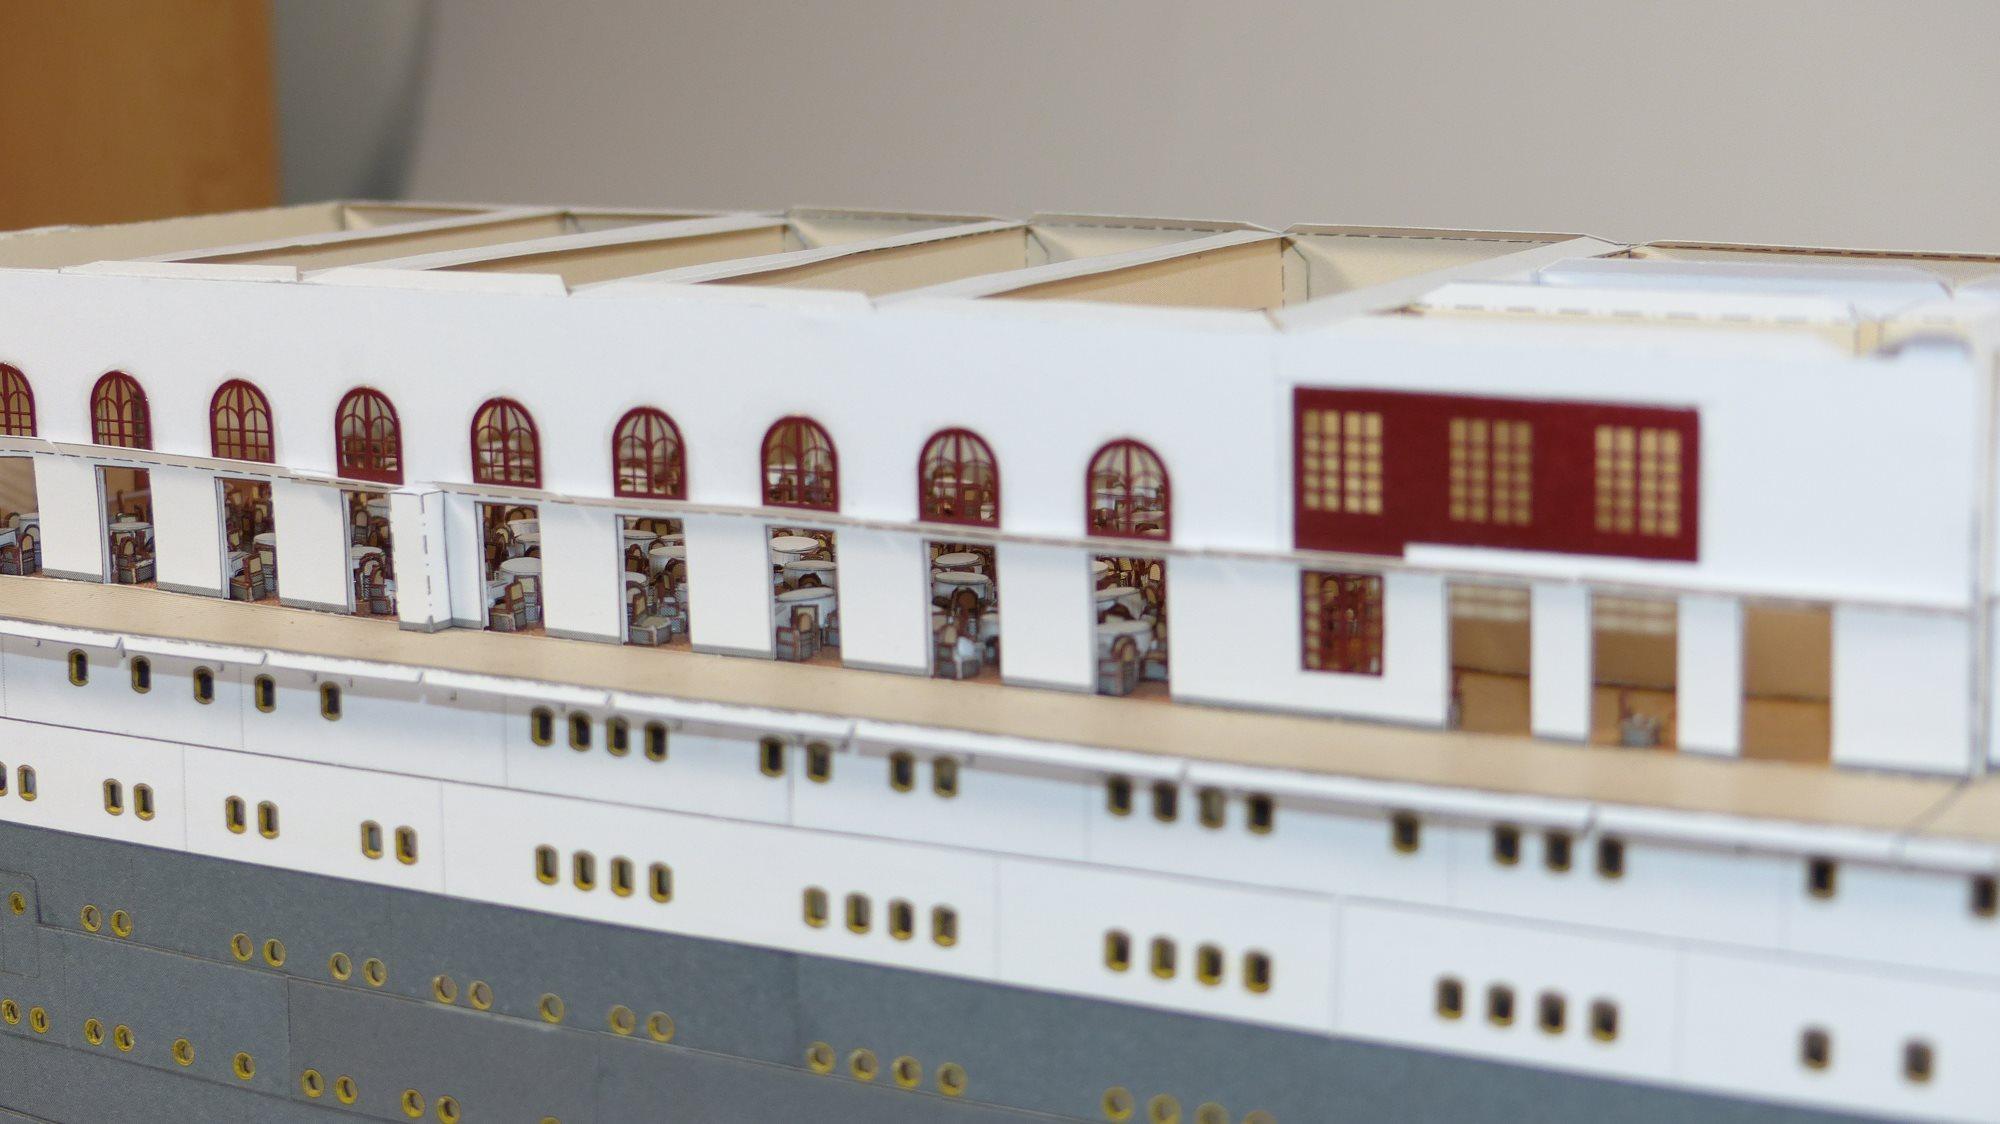 kartonmodellbau von jabietz blog archive cap arcona inneneinrichtung fertig. Black Bedroom Furniture Sets. Home Design Ideas